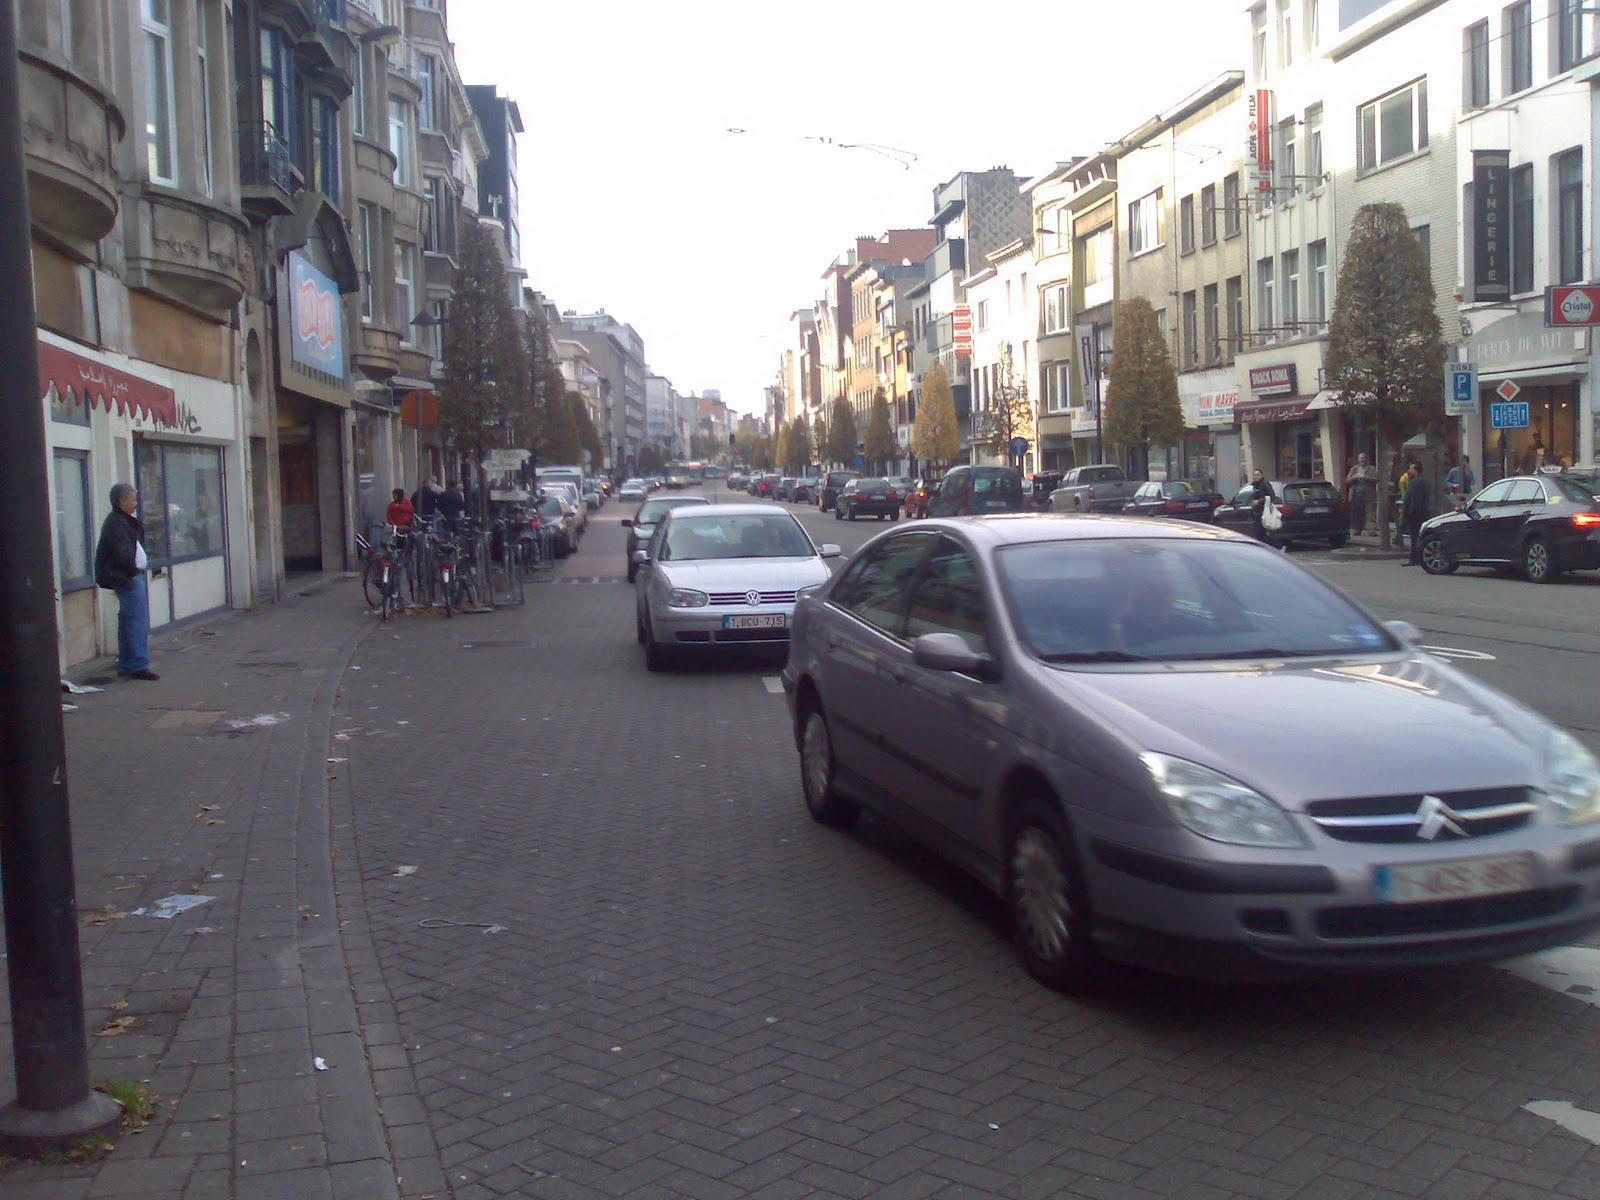 Tegels Antwerpen Marokkaan : Op stap marokkaanse buurt turnhoutse baan antwerpen genieten